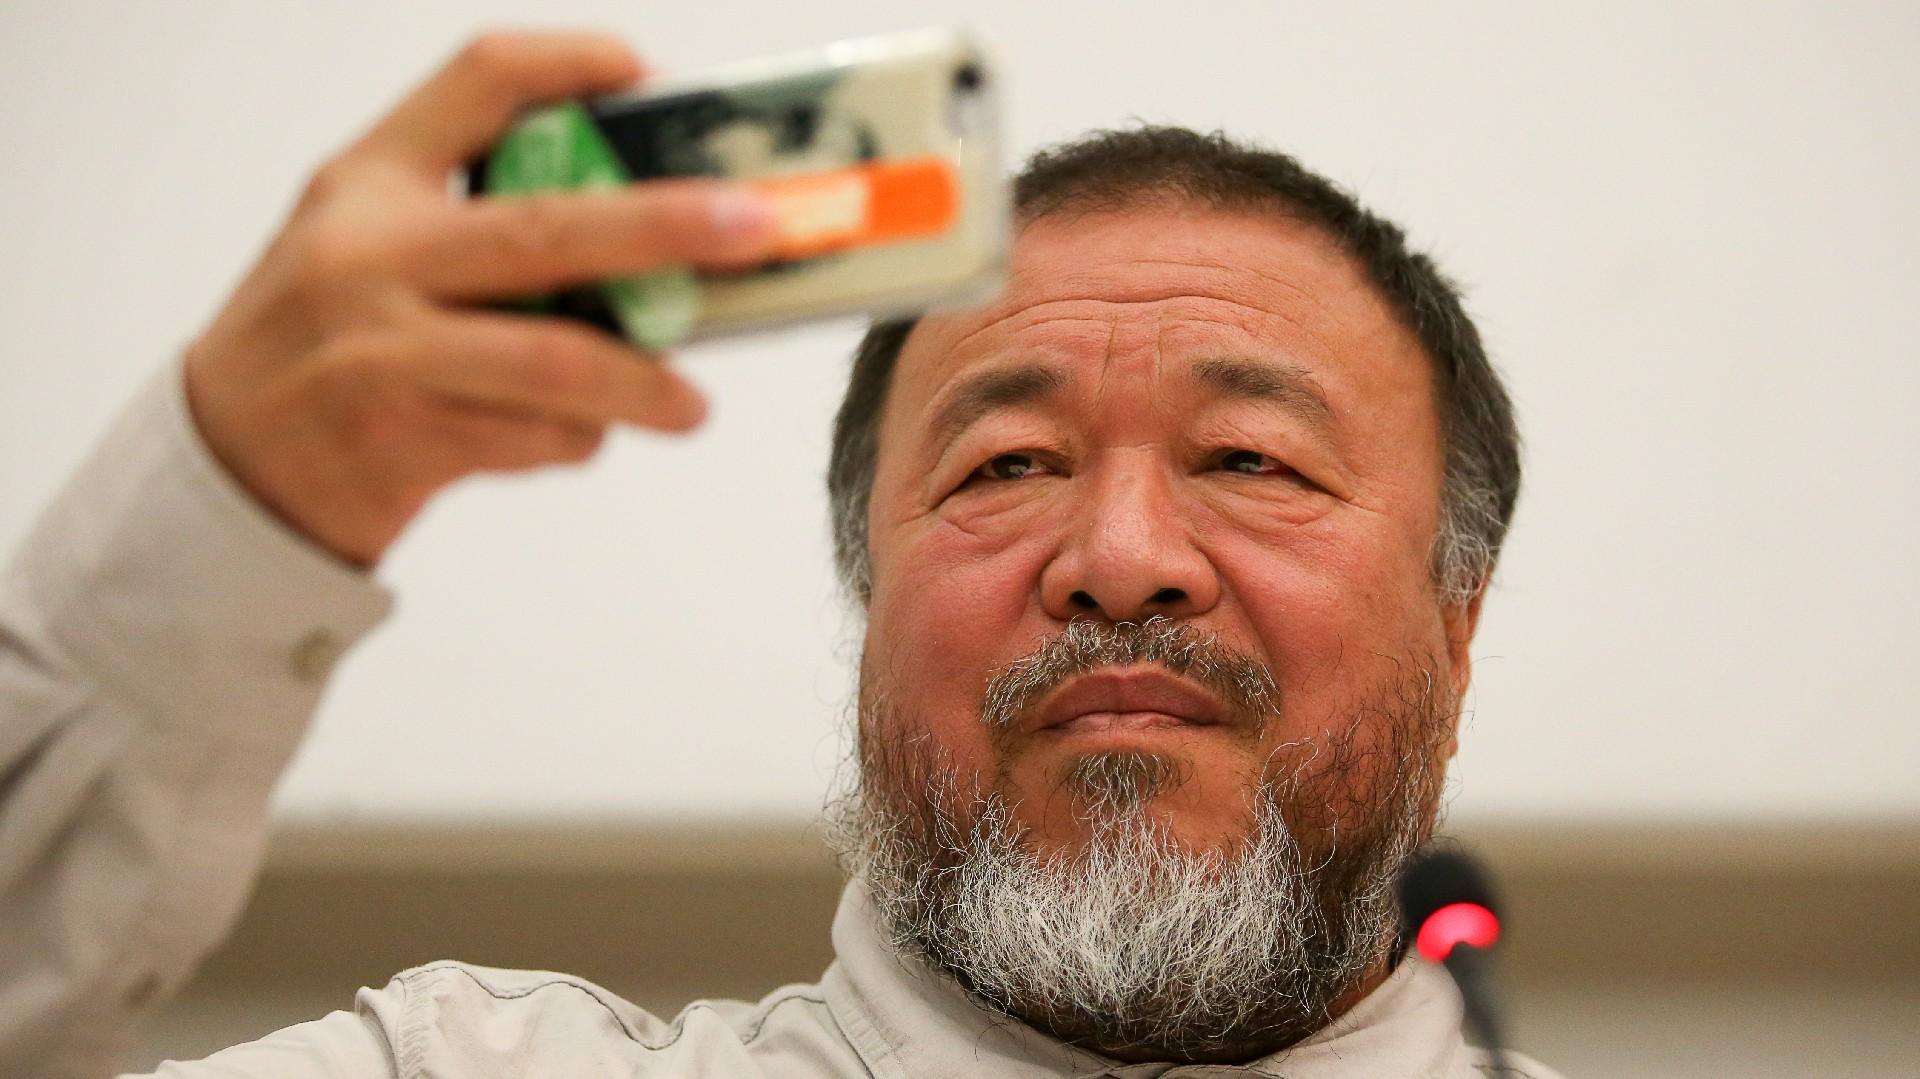 El artista y una mirada sobre si mismo. Imagen tomada durante la visita de Ai Weiwei a la Argentina, meses atrás (Nicolás Aboaf)